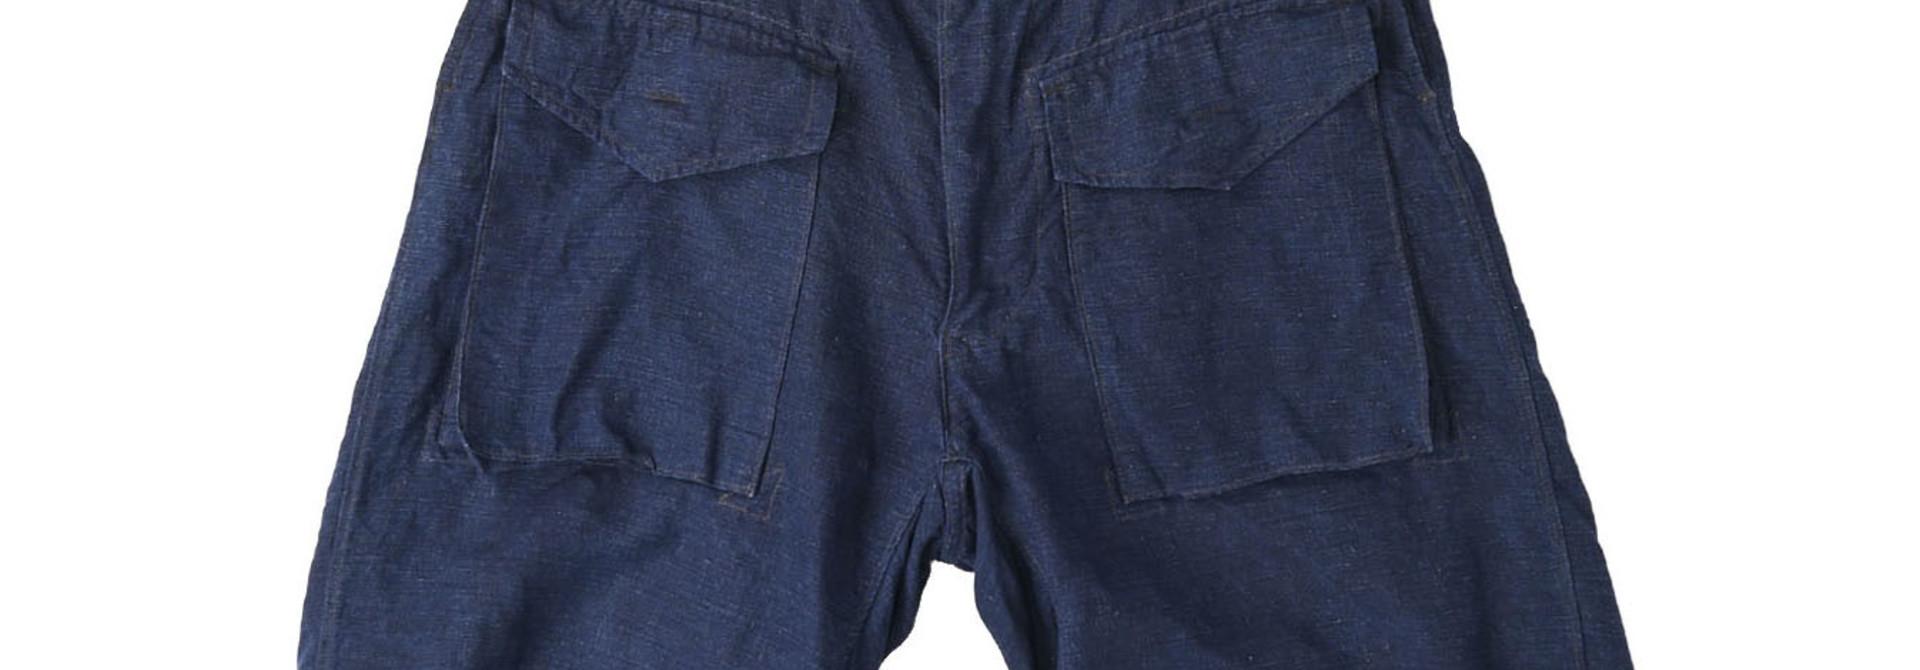 Indigo Nou Linen 908 Easy Sail Shorts (0721)